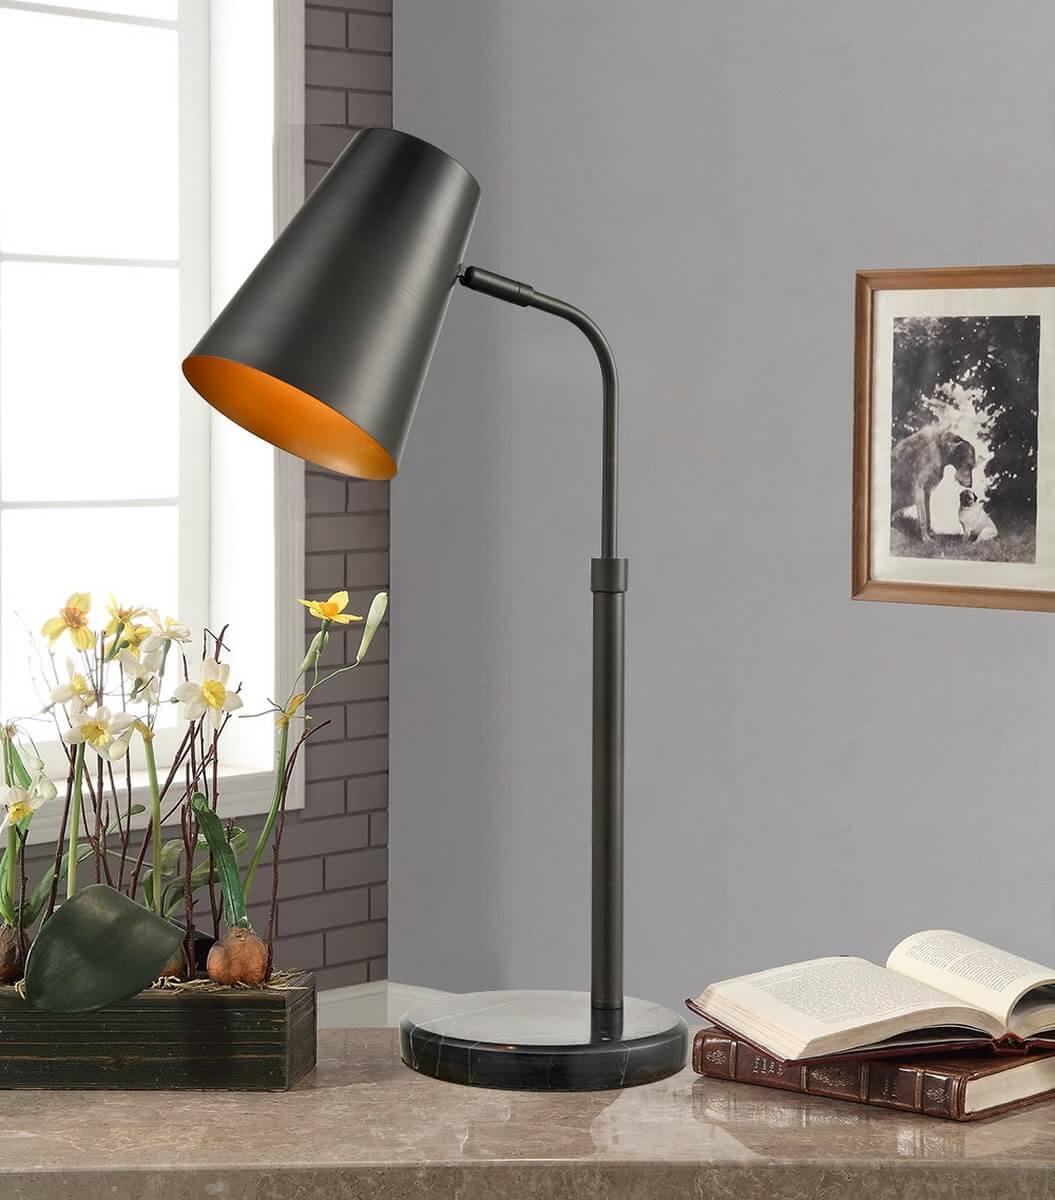 Swing Arm Reading Table Lamp Gray Marble Base Desk Bedroom Office Living Room Light